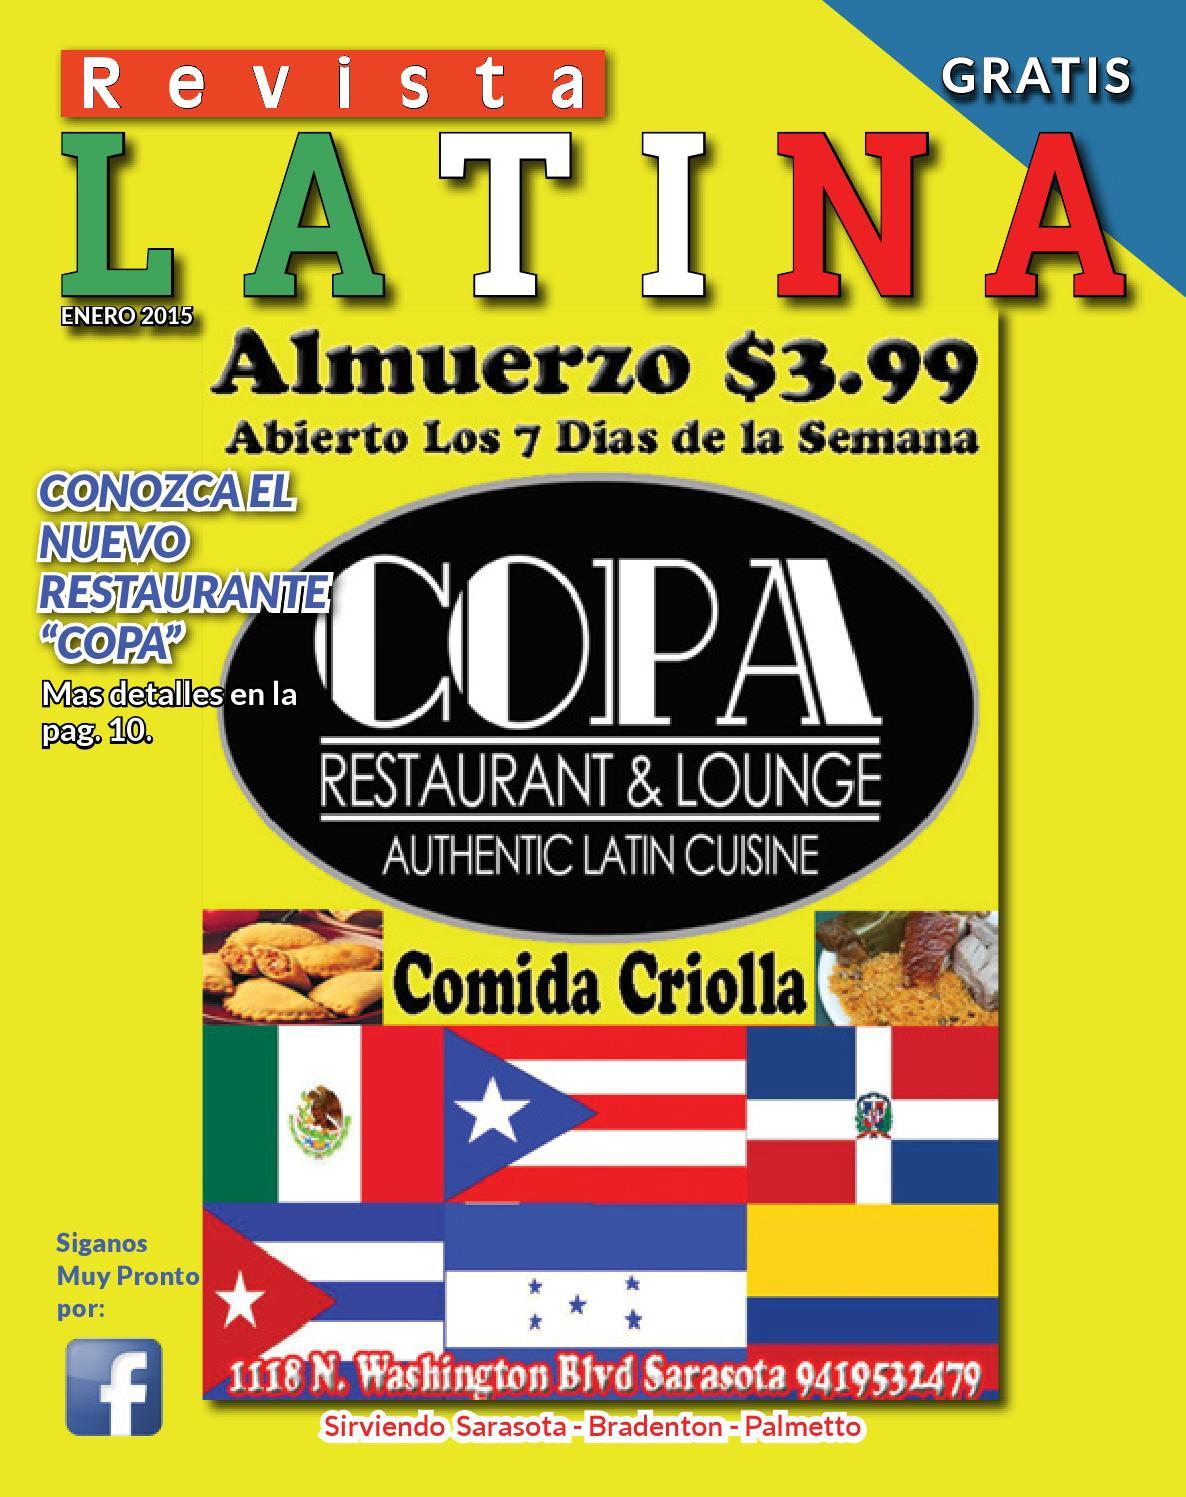 Revista Latina 01 2015 by Revista Latina - issuu